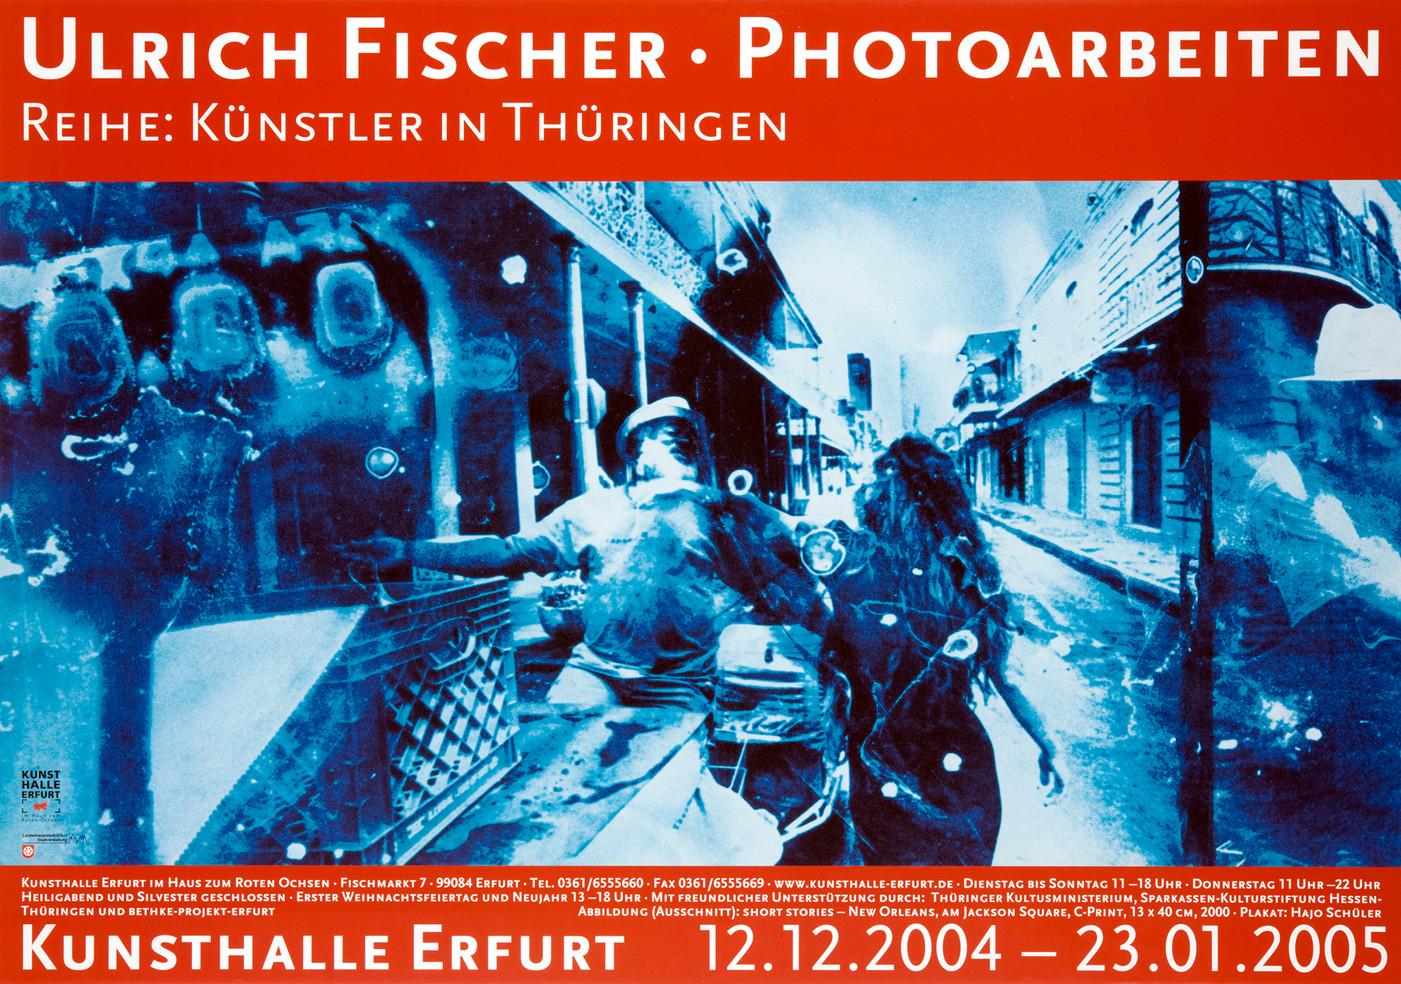 ©Ulrich Fischer